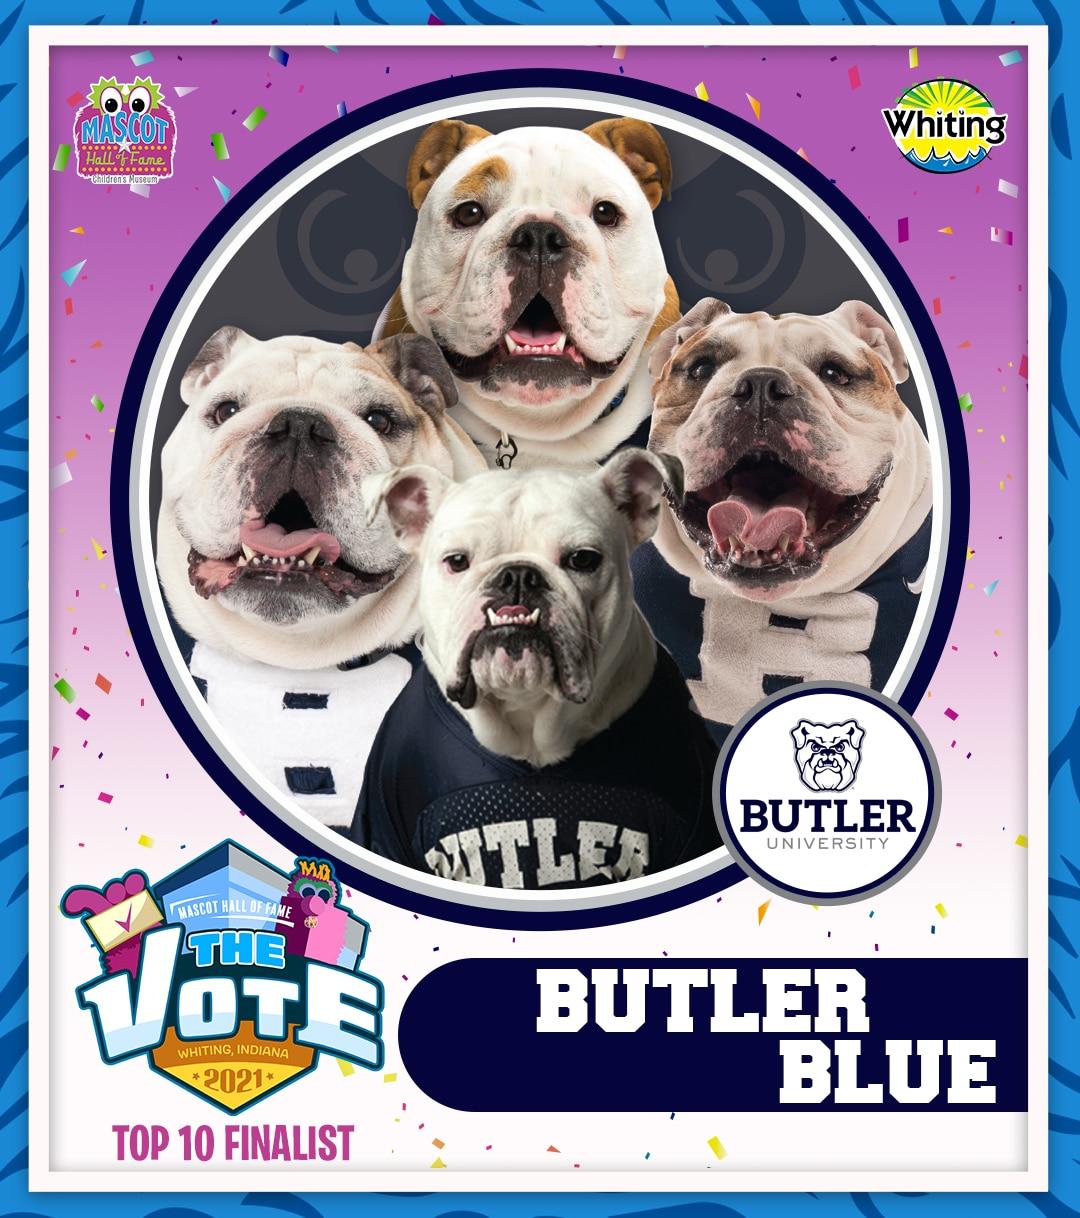 Butler Blue photo